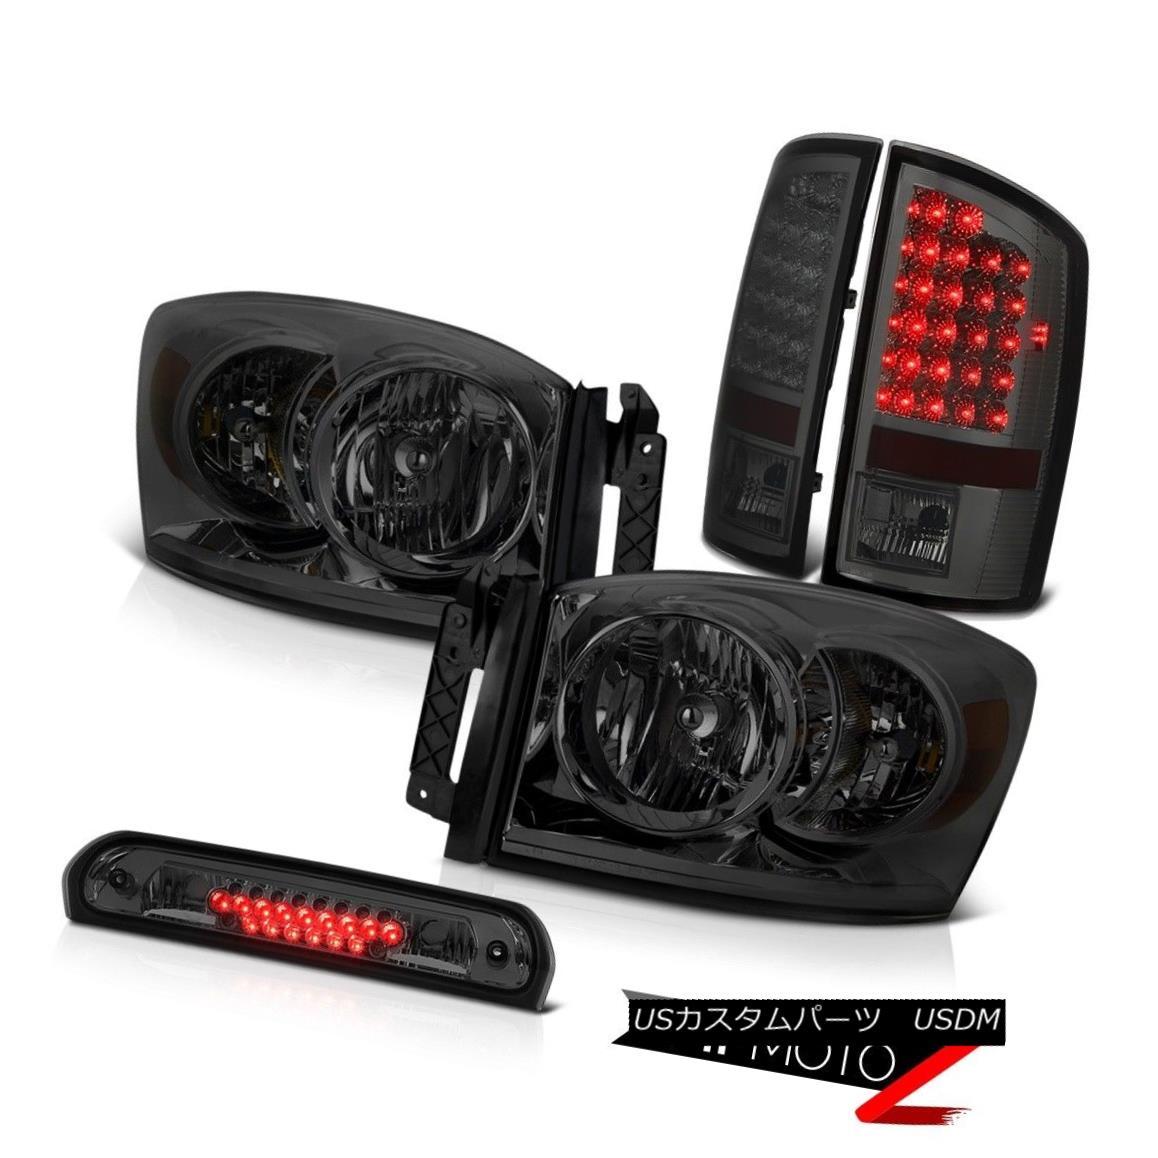 ヘッドライト Smoke Headlights LEFT RIGHT Tail Lights LED Tinted Brake Cargo 2007-2008 Ram WS スモークヘッドライトLEFT RIGHTテールライトLED Tinted Brake Cargo 2007-2008 Ram WS